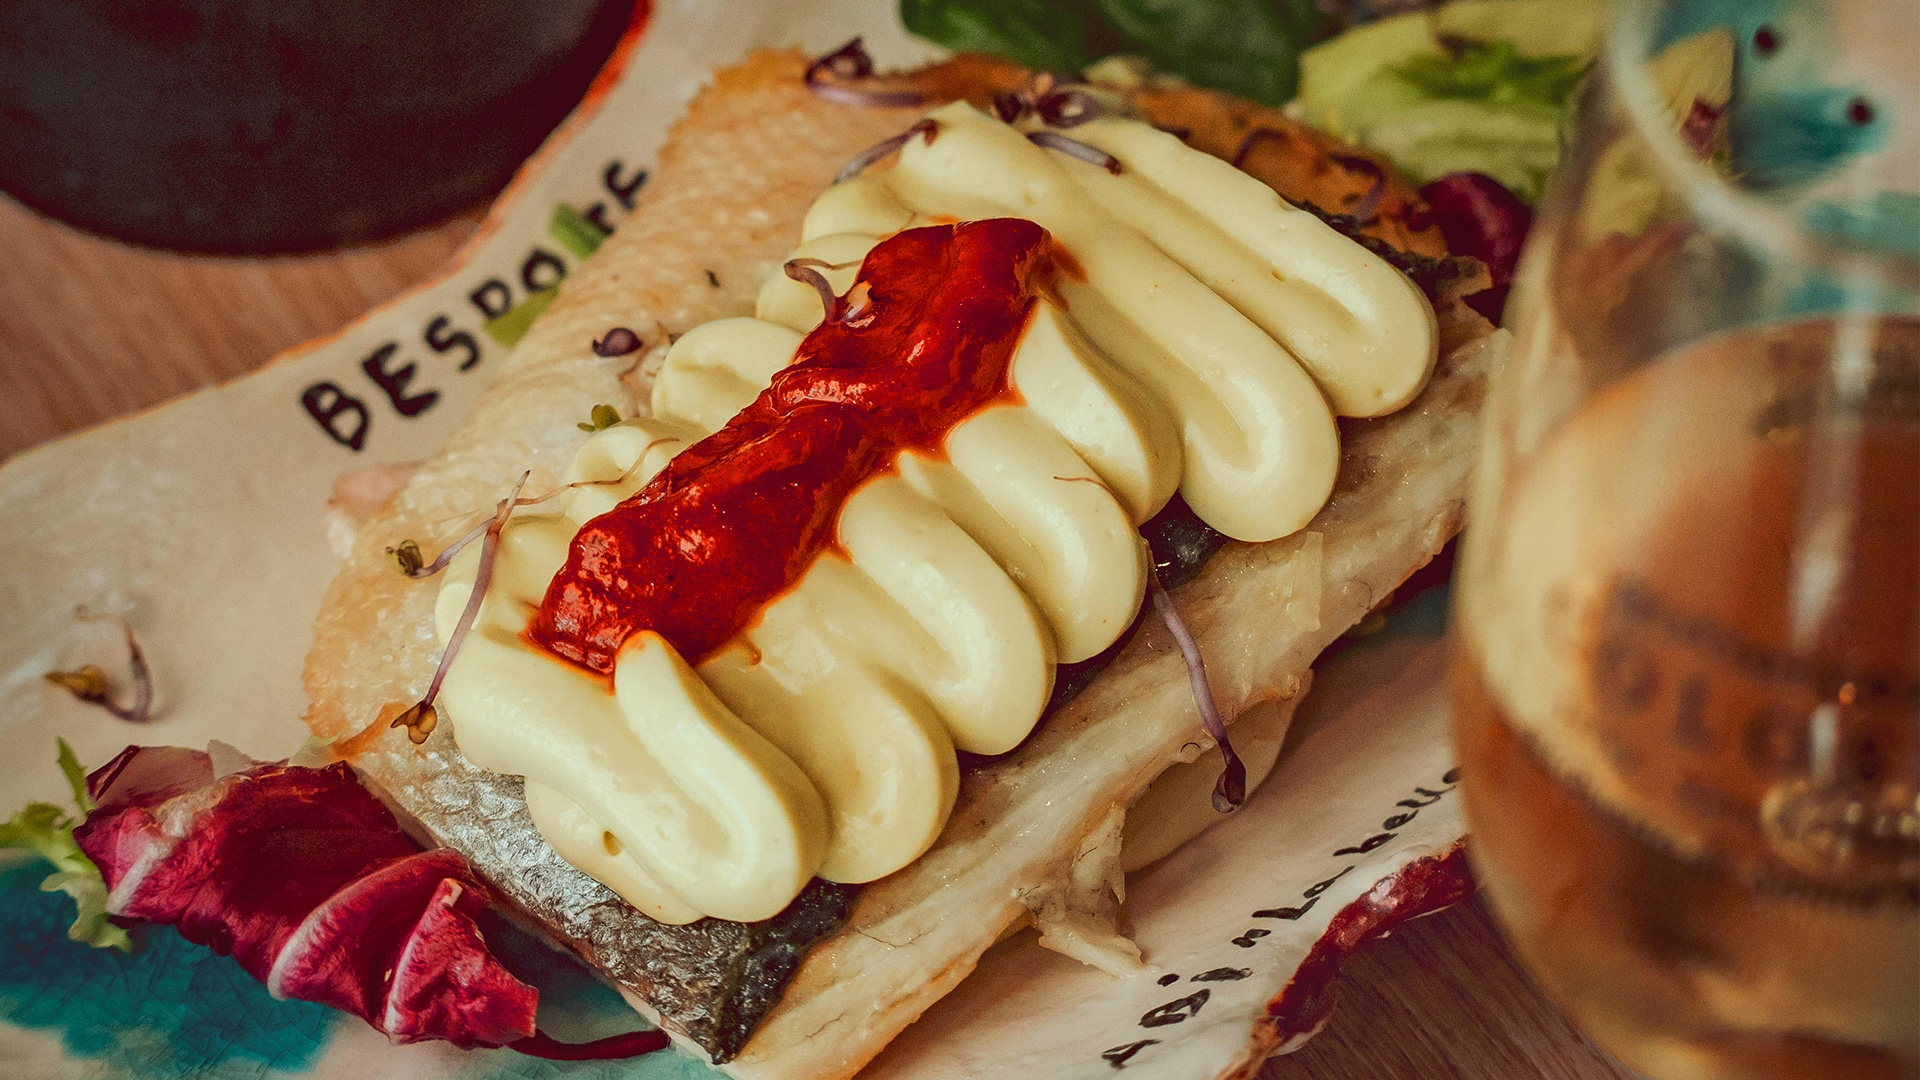 Jornadas Gastronómicas De La Sal y El Estero | Be Spoke - Tapa 2020